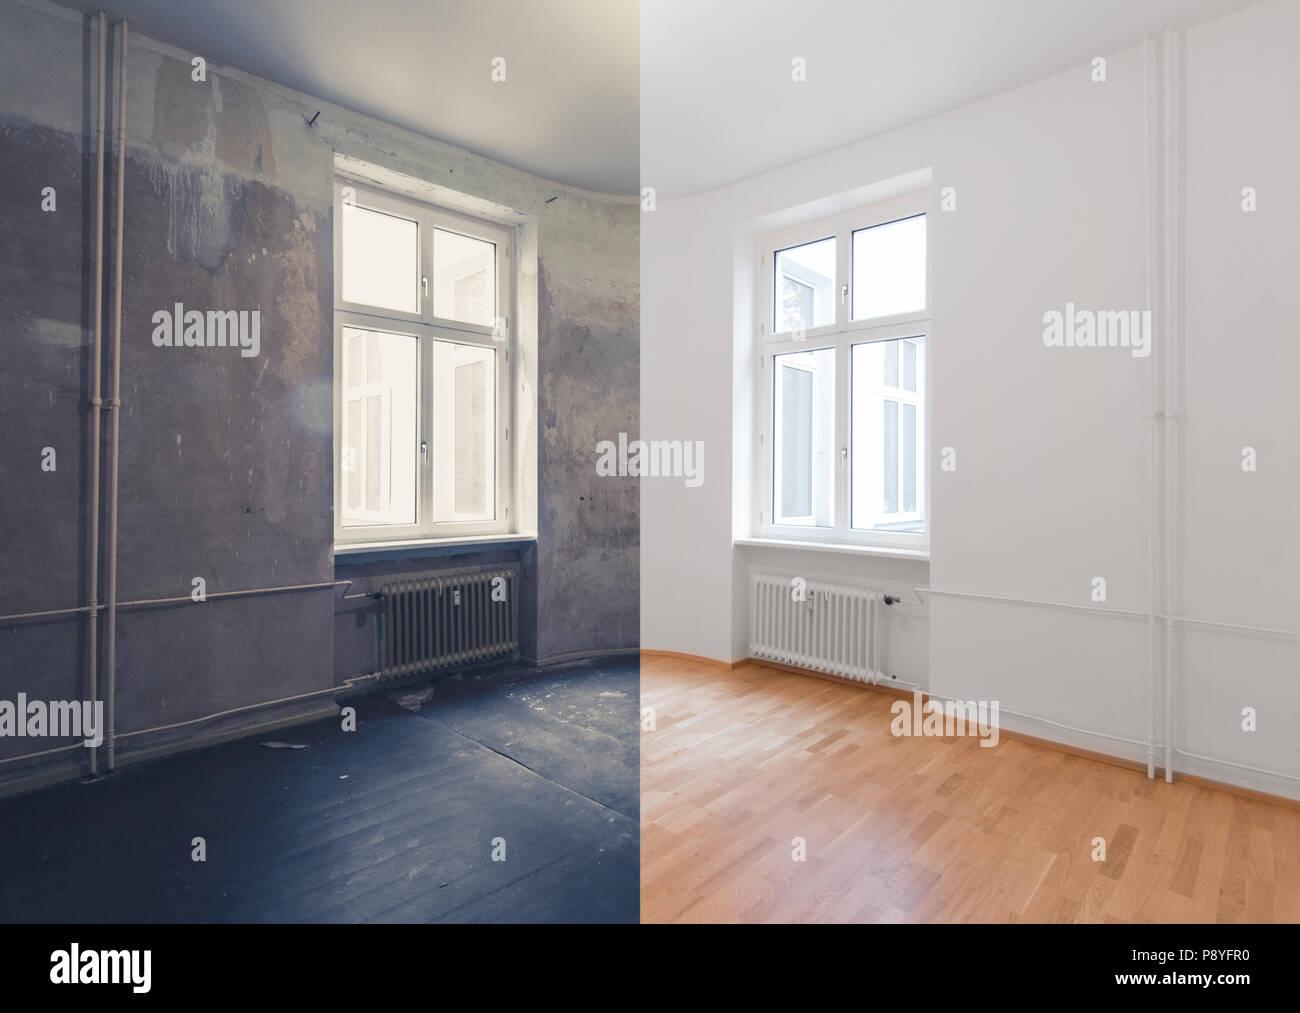 vor und nach der renovierung - renovieren leere wohnung zimmer